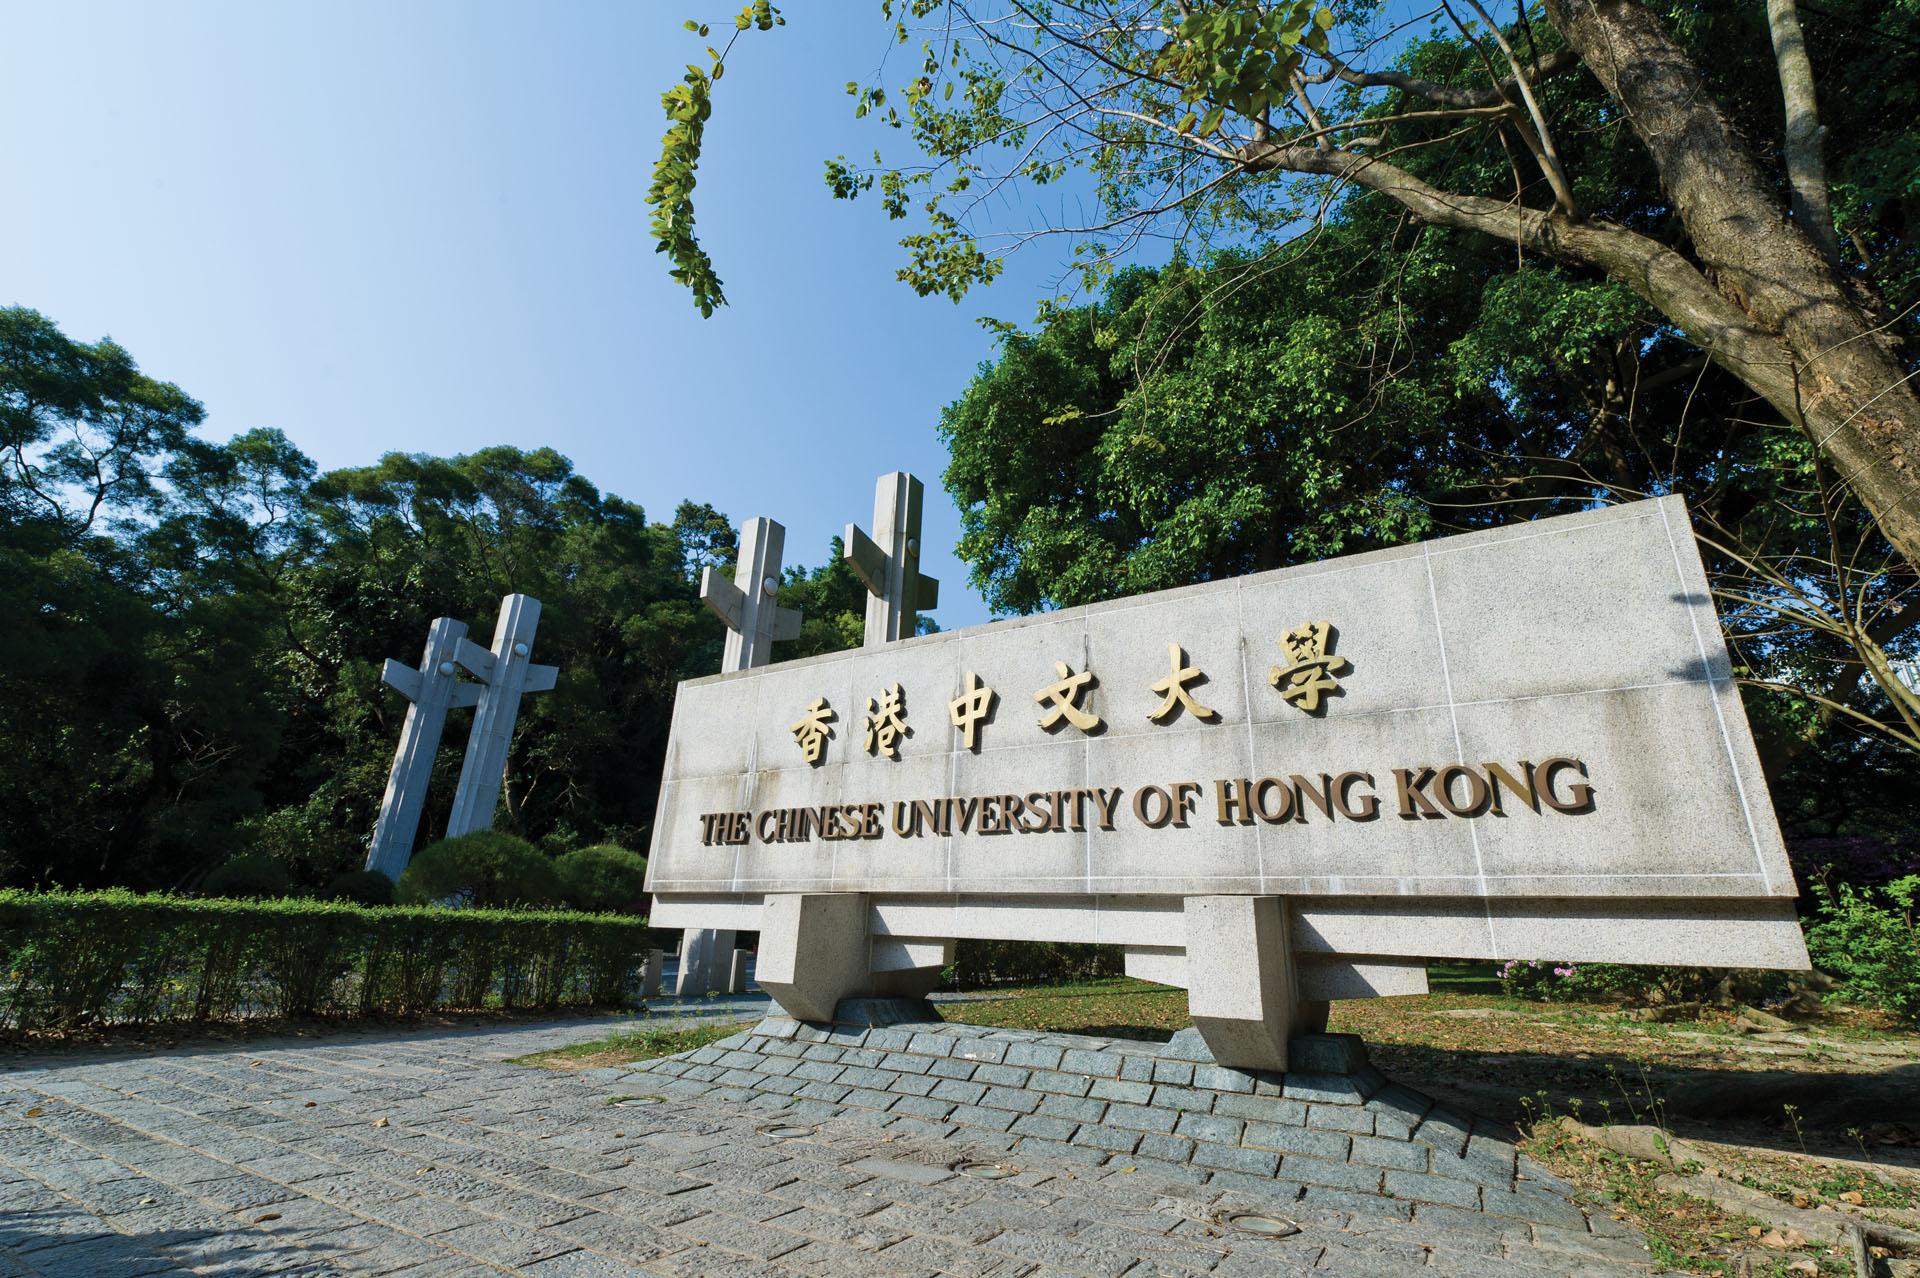 The Chinese University of Hong Kong – CUHK Campus